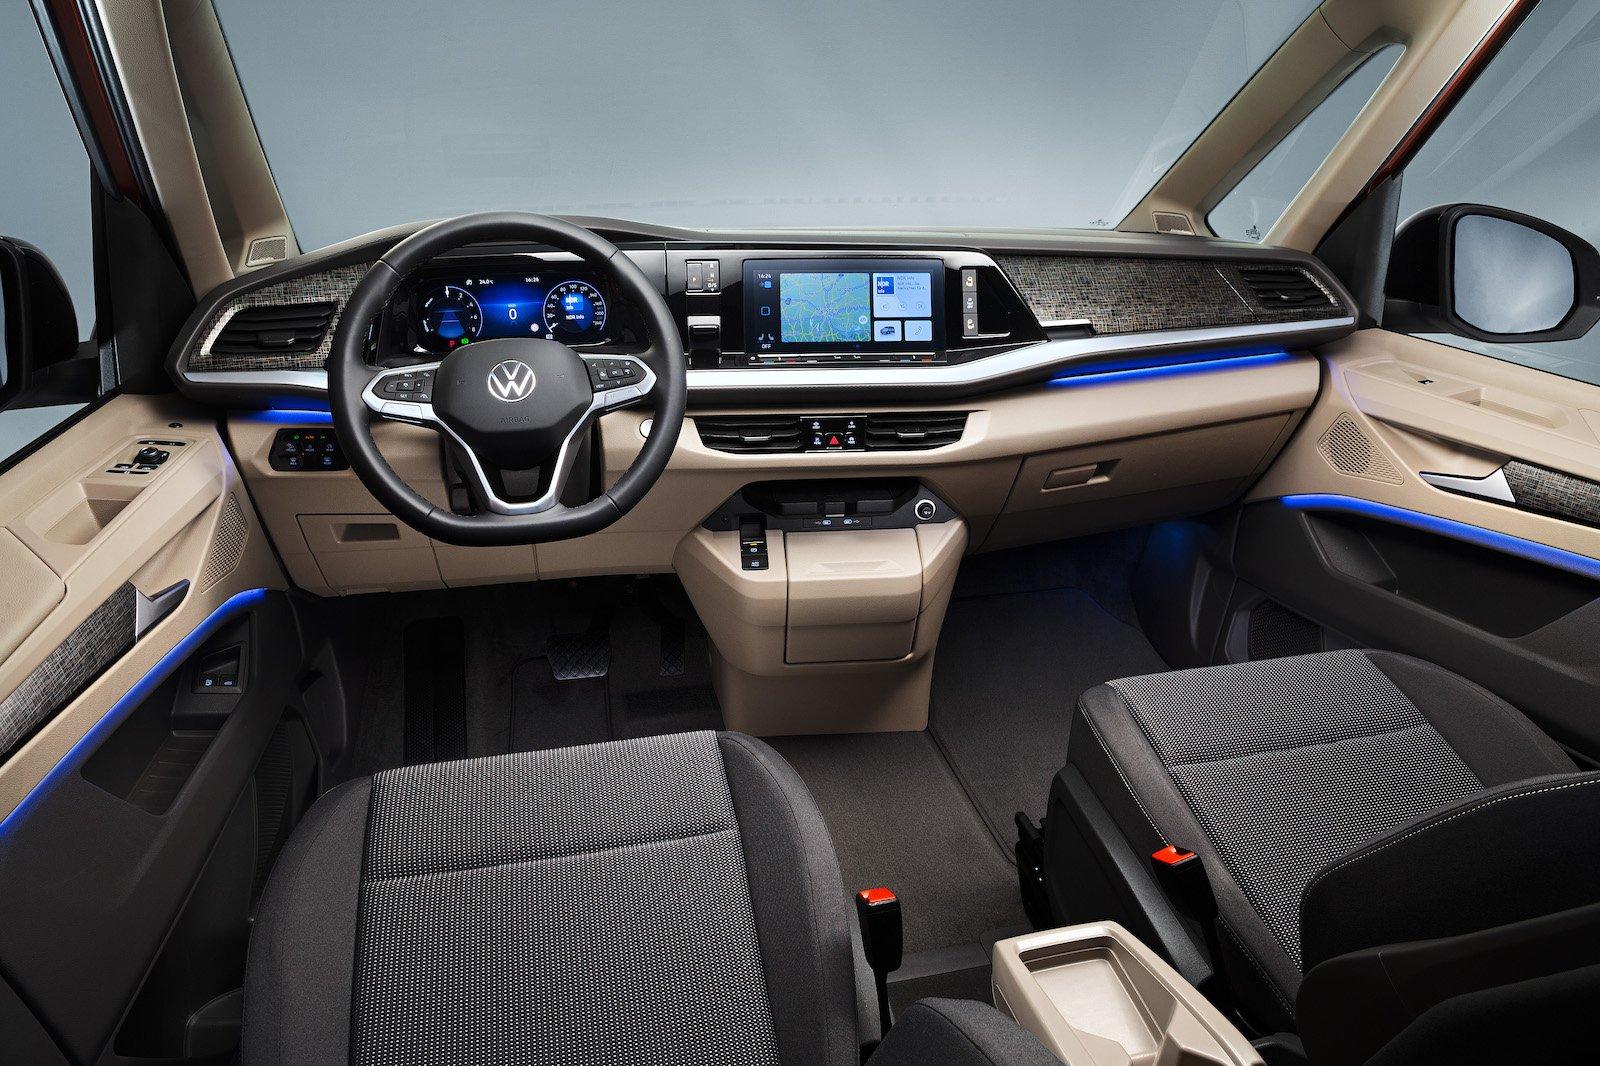 VW Multivan Interior Dashboard